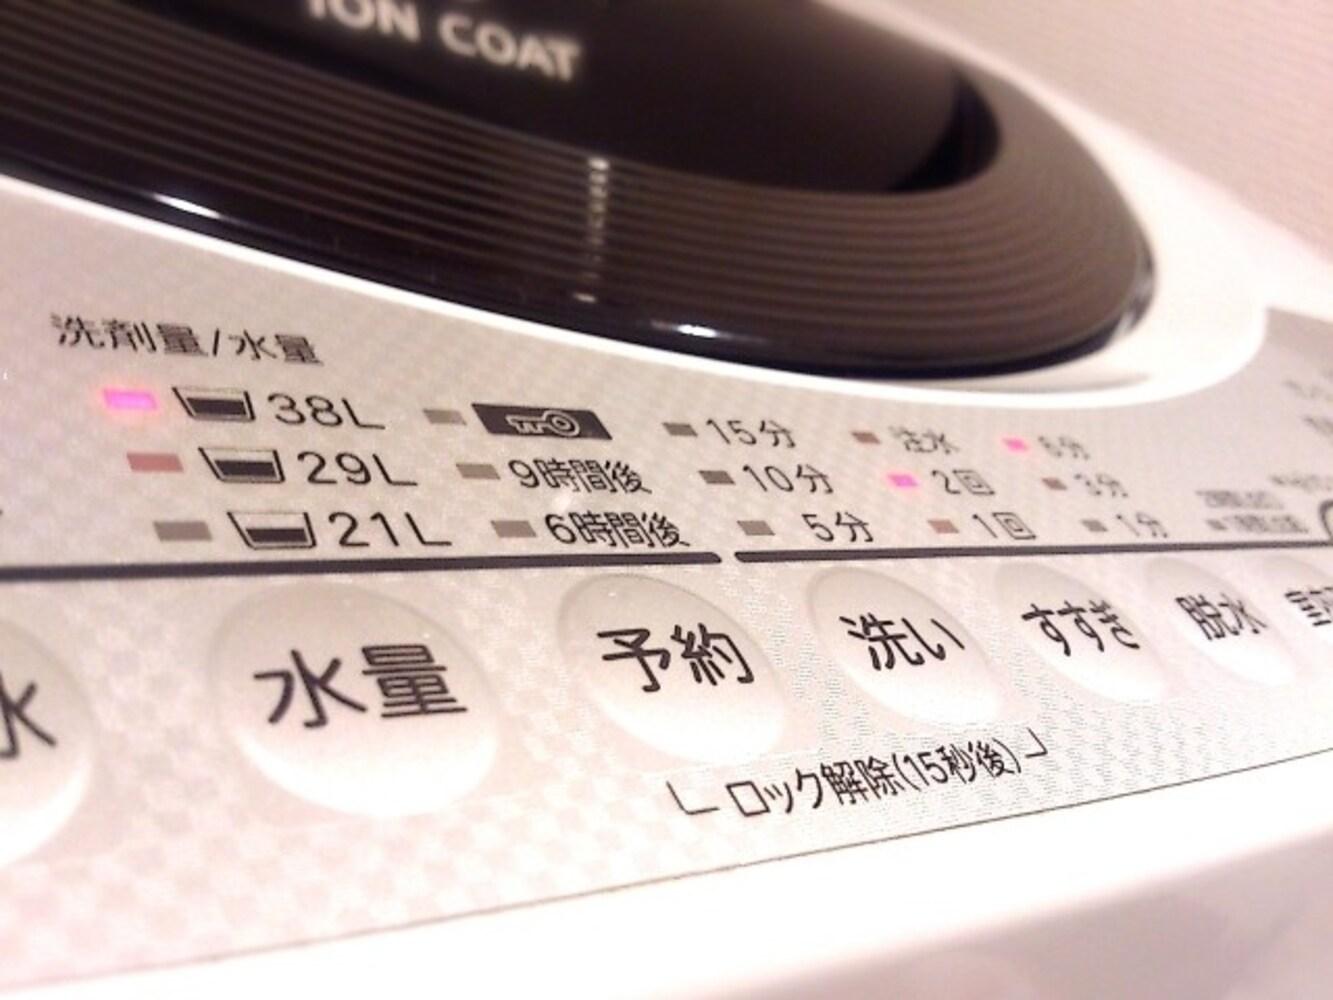 洗濯機のコース選択ボタン